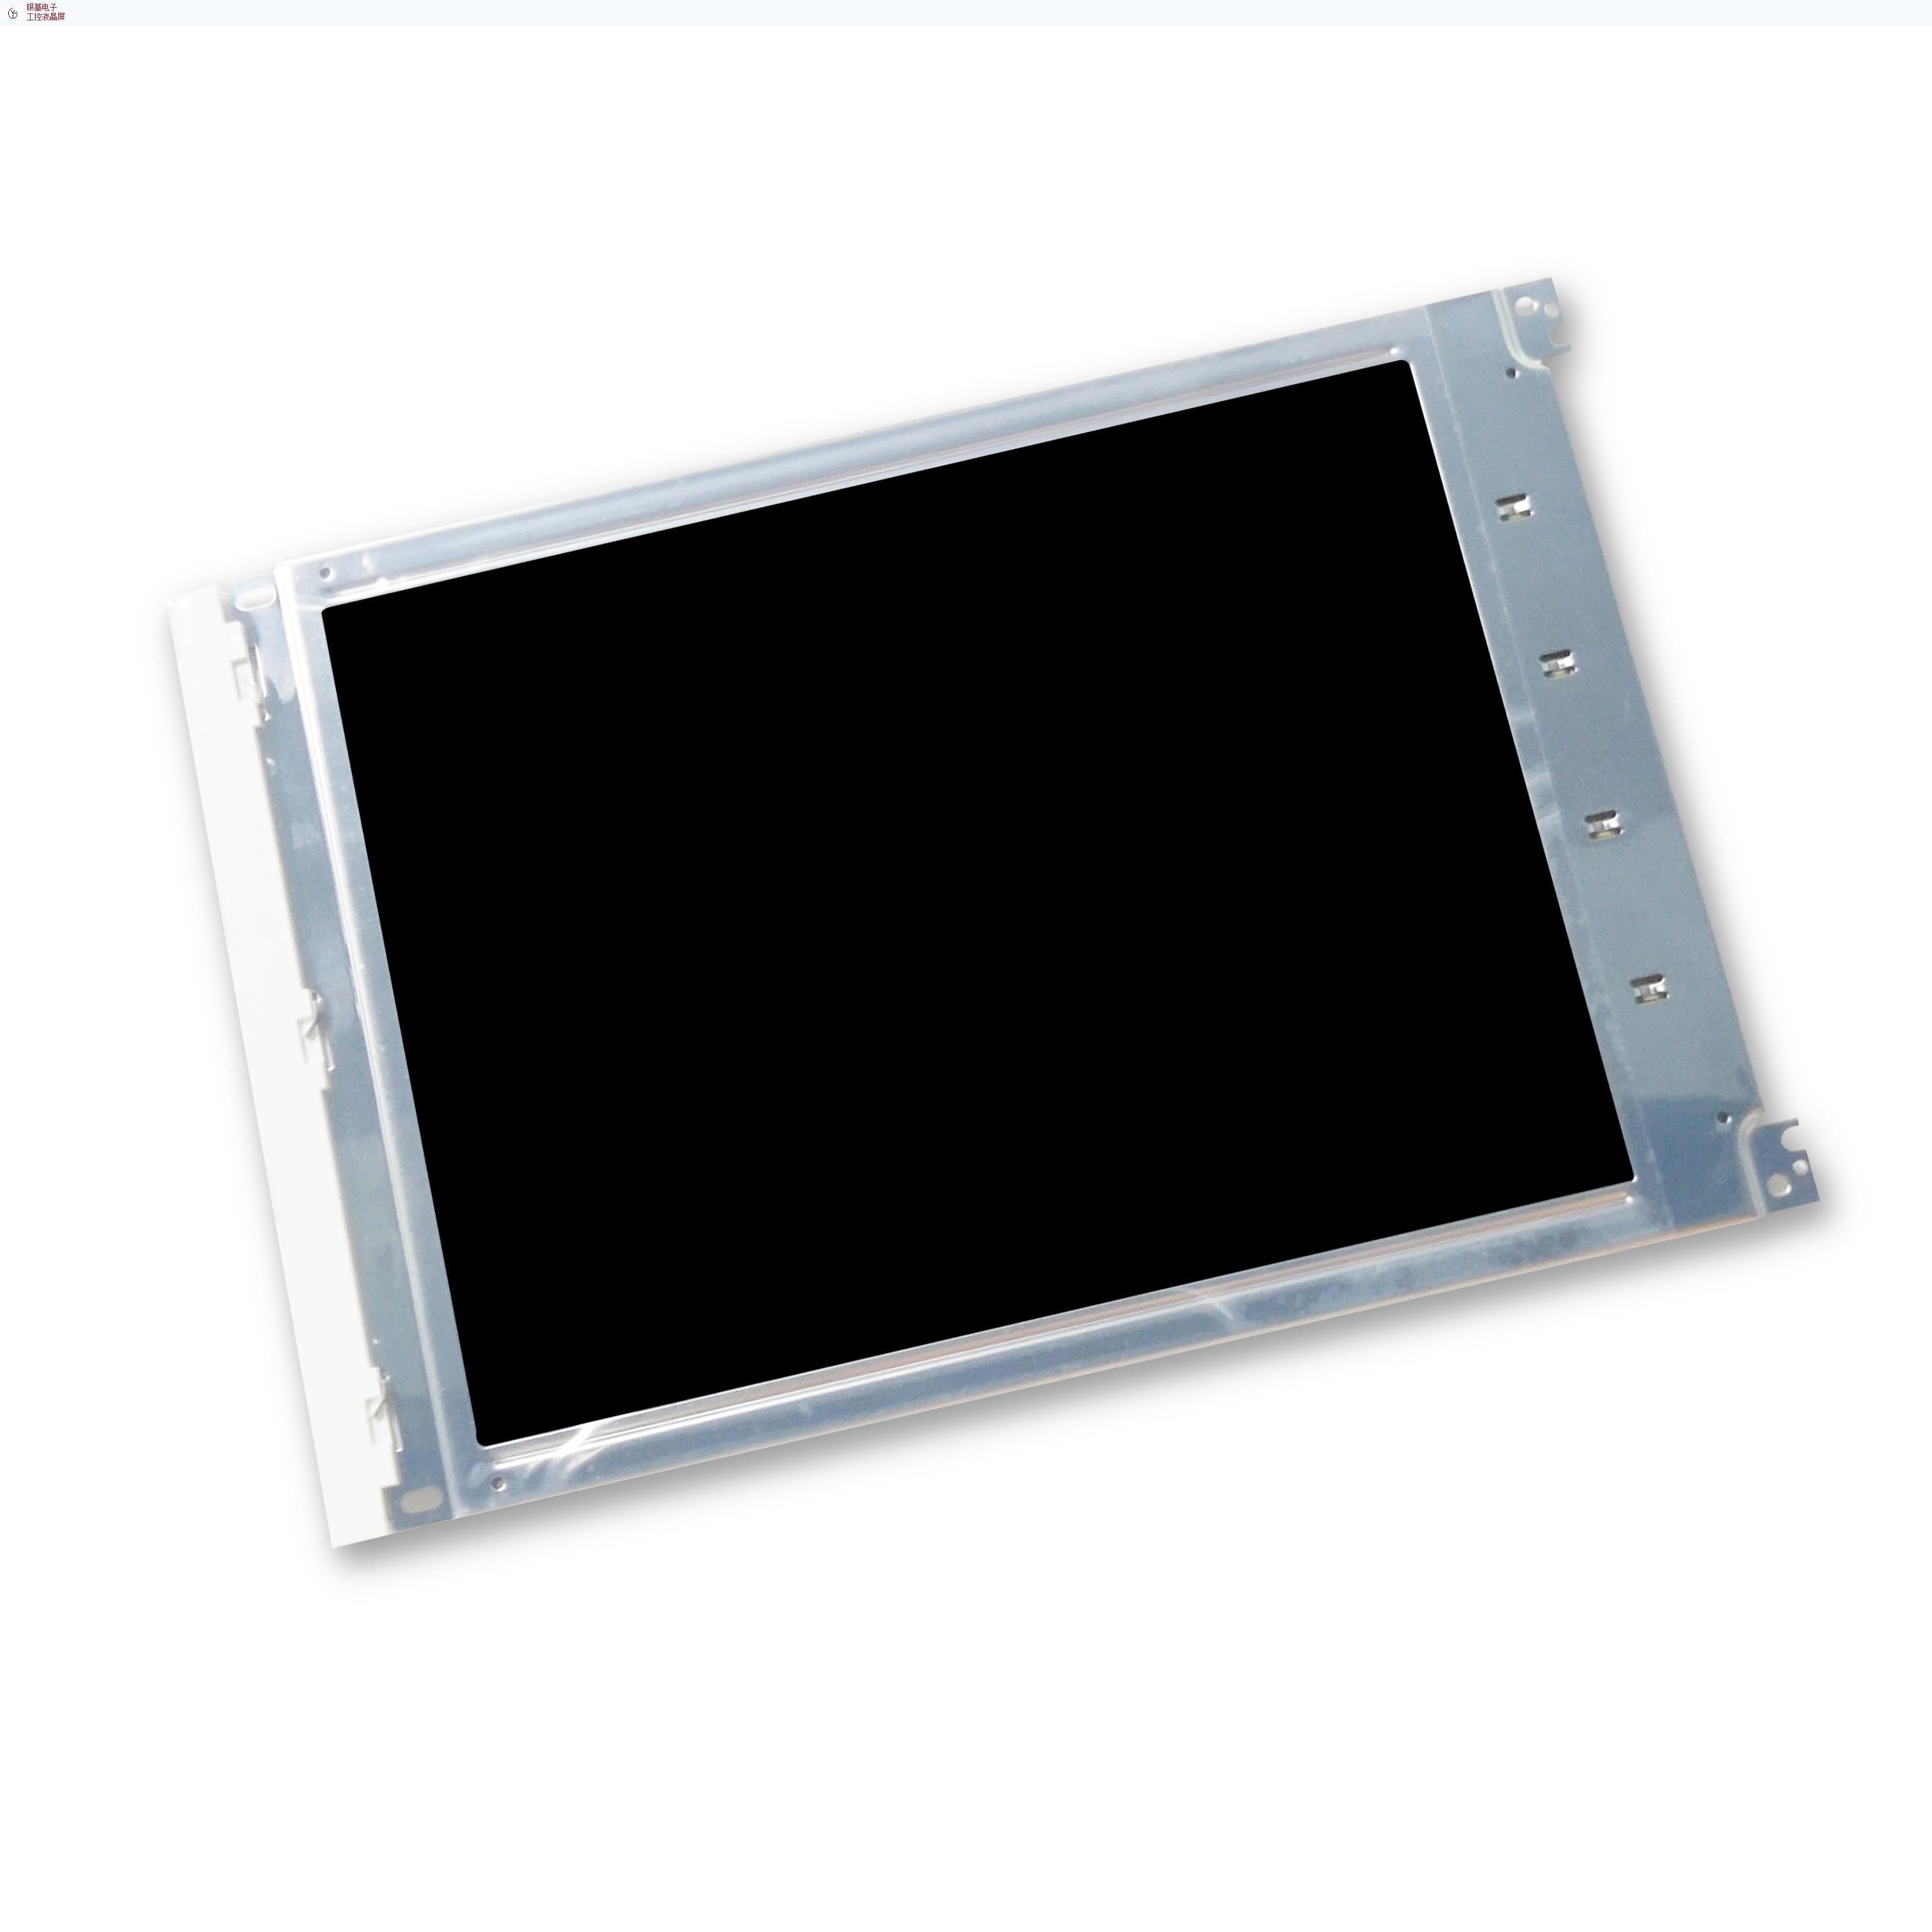 青海全新质量液晶显示屏欢迎来电